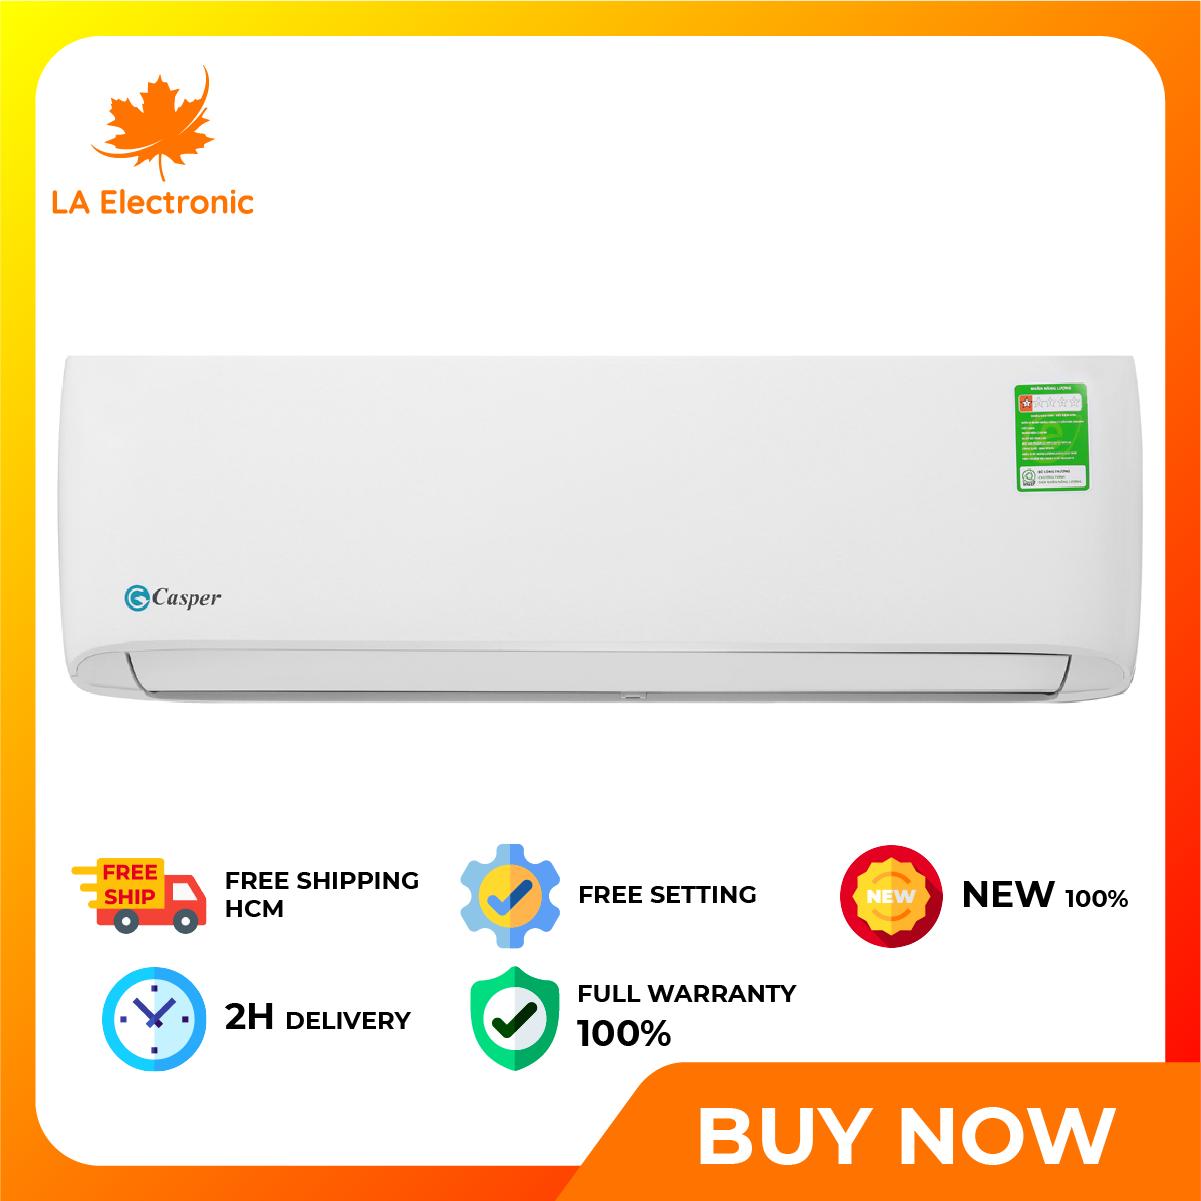 Trả Góp 0% – Máy lạnh – Casper 1 Air conditioner HP LC-09TL32, thiết kế thông minh, công nghệ hiện đại, hoạt động mạnh mẽ và bền bỉ, có chế độ bảo hành và xuất xứ rõ ràng – Miễn phí vận chuyển HCM